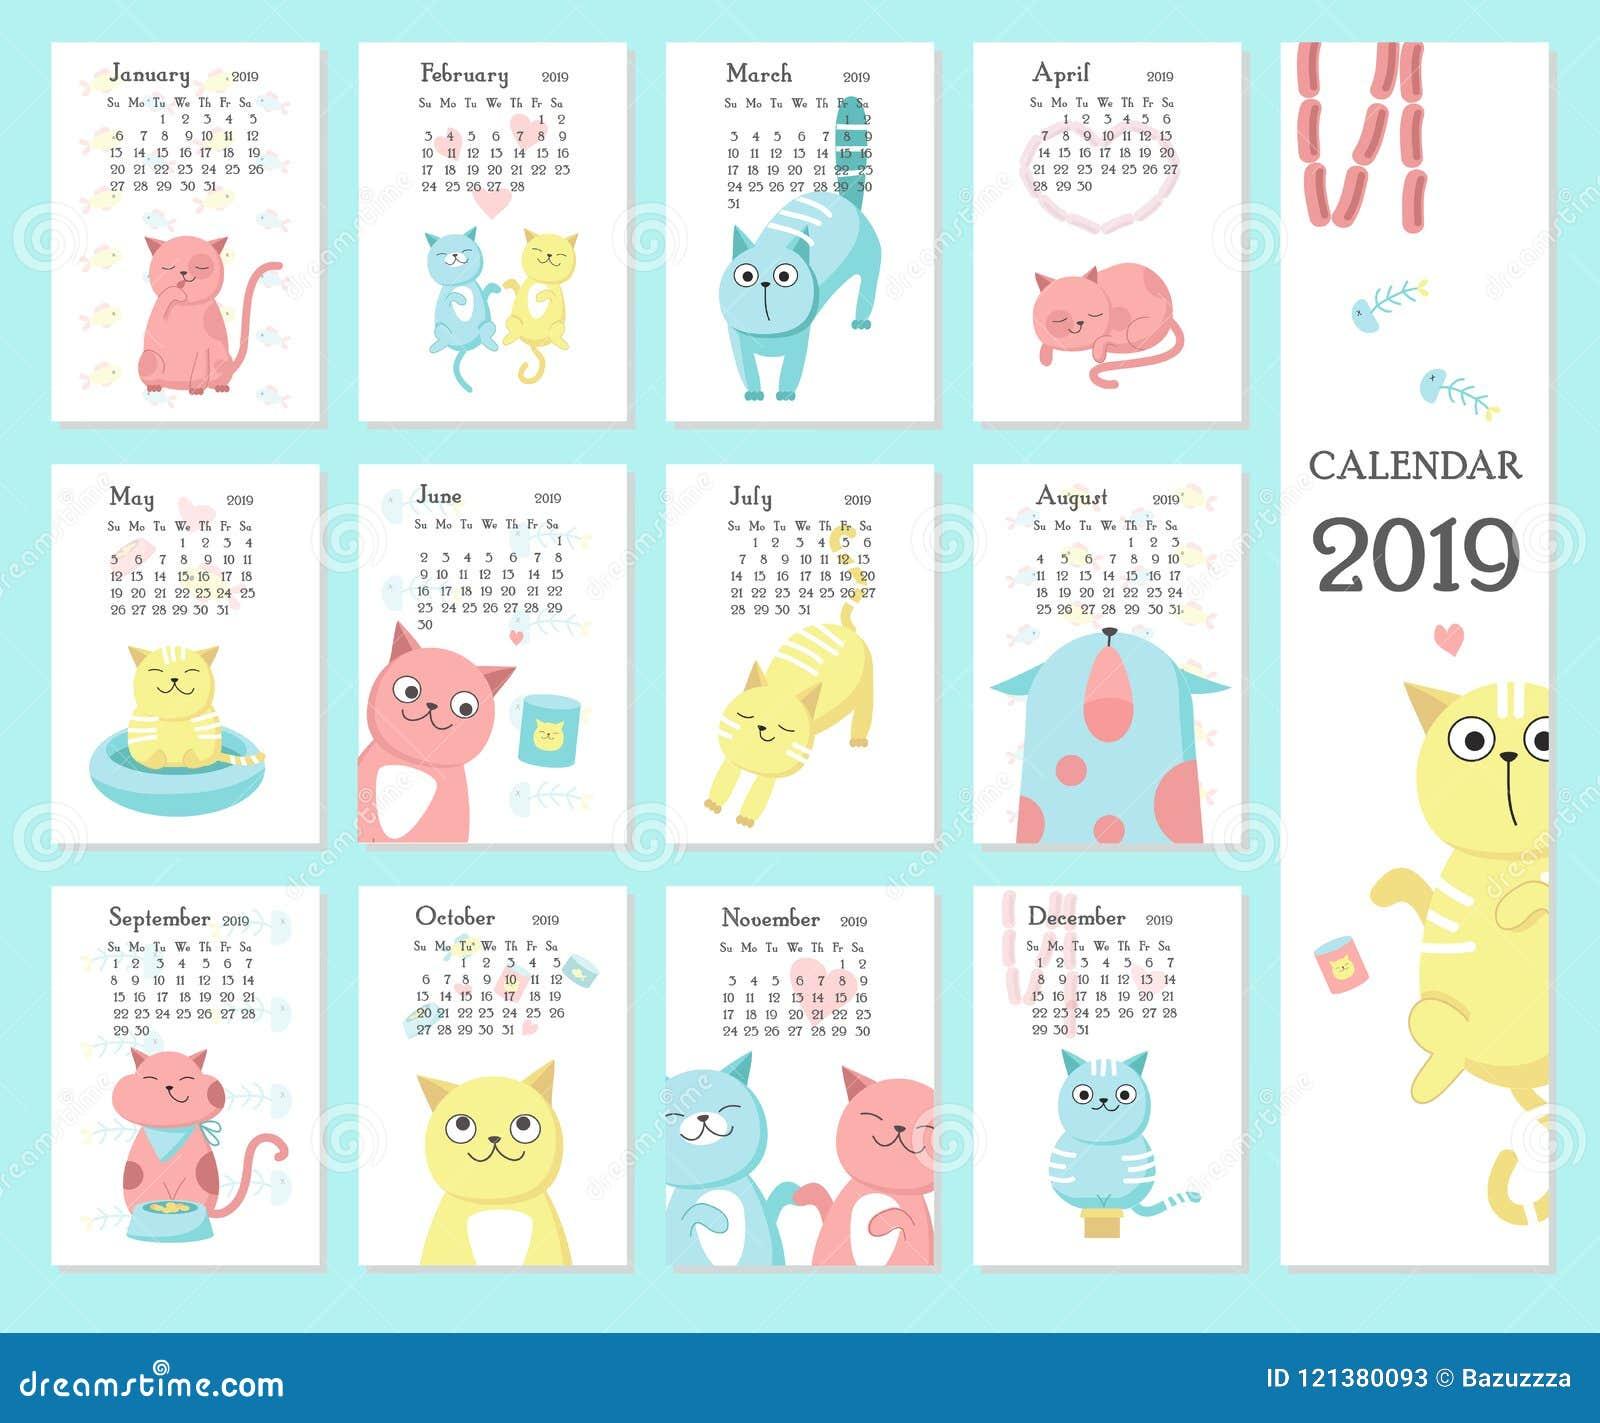 Calendario Vectores.Plantilla Del Vector Del Calendario 2019 Con Los Gatos